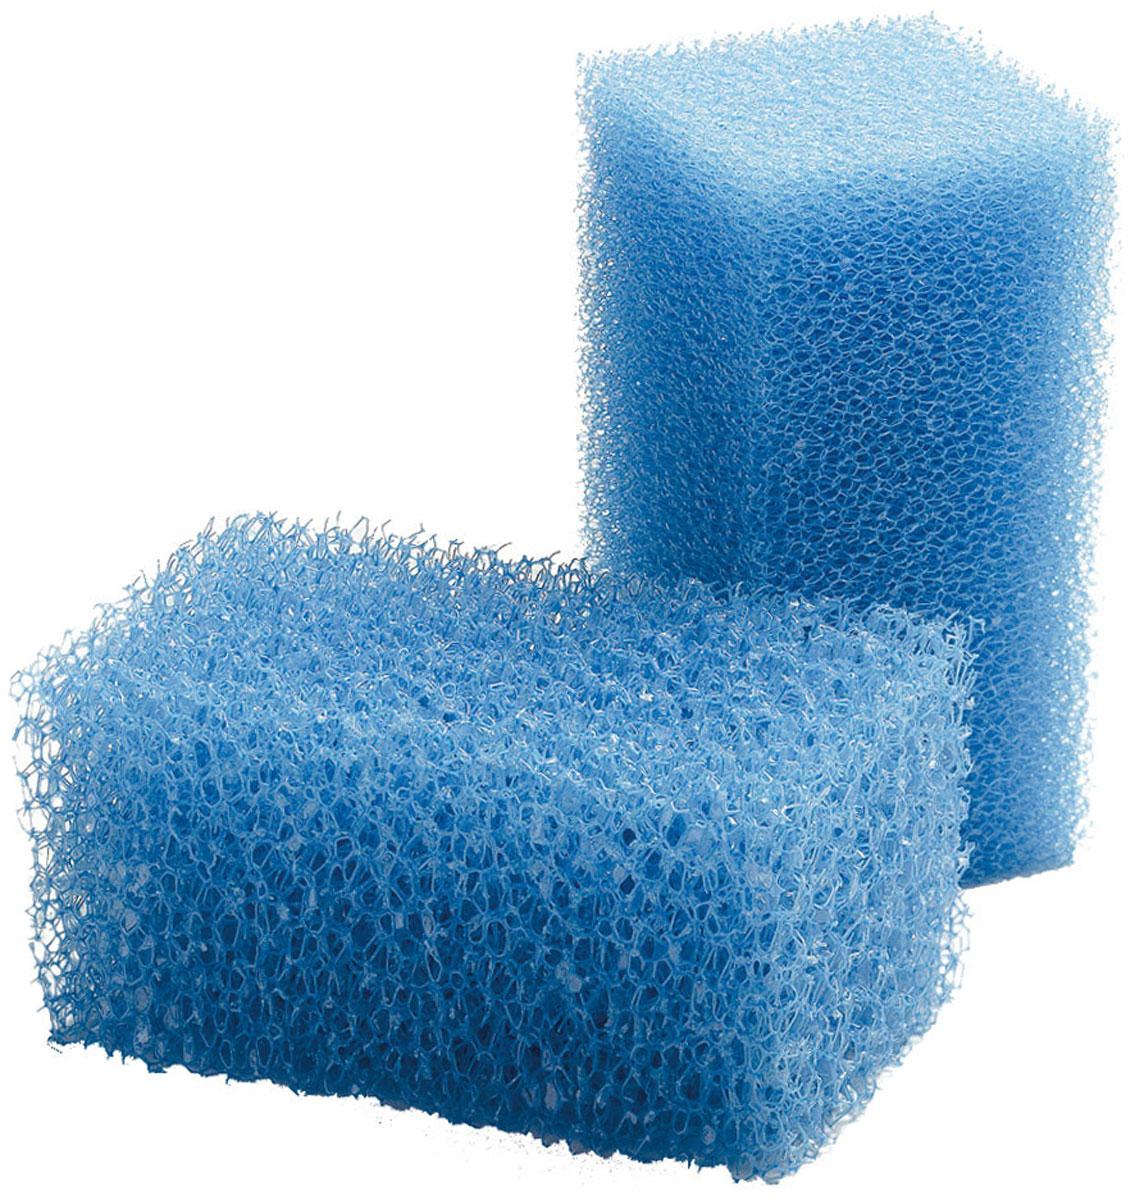 Набор губок Blumec для внутреннего фильтра Ferplast Bluwave 07 уп. 2 шт (1 шт) набор губок чистюля металлические 2 шт